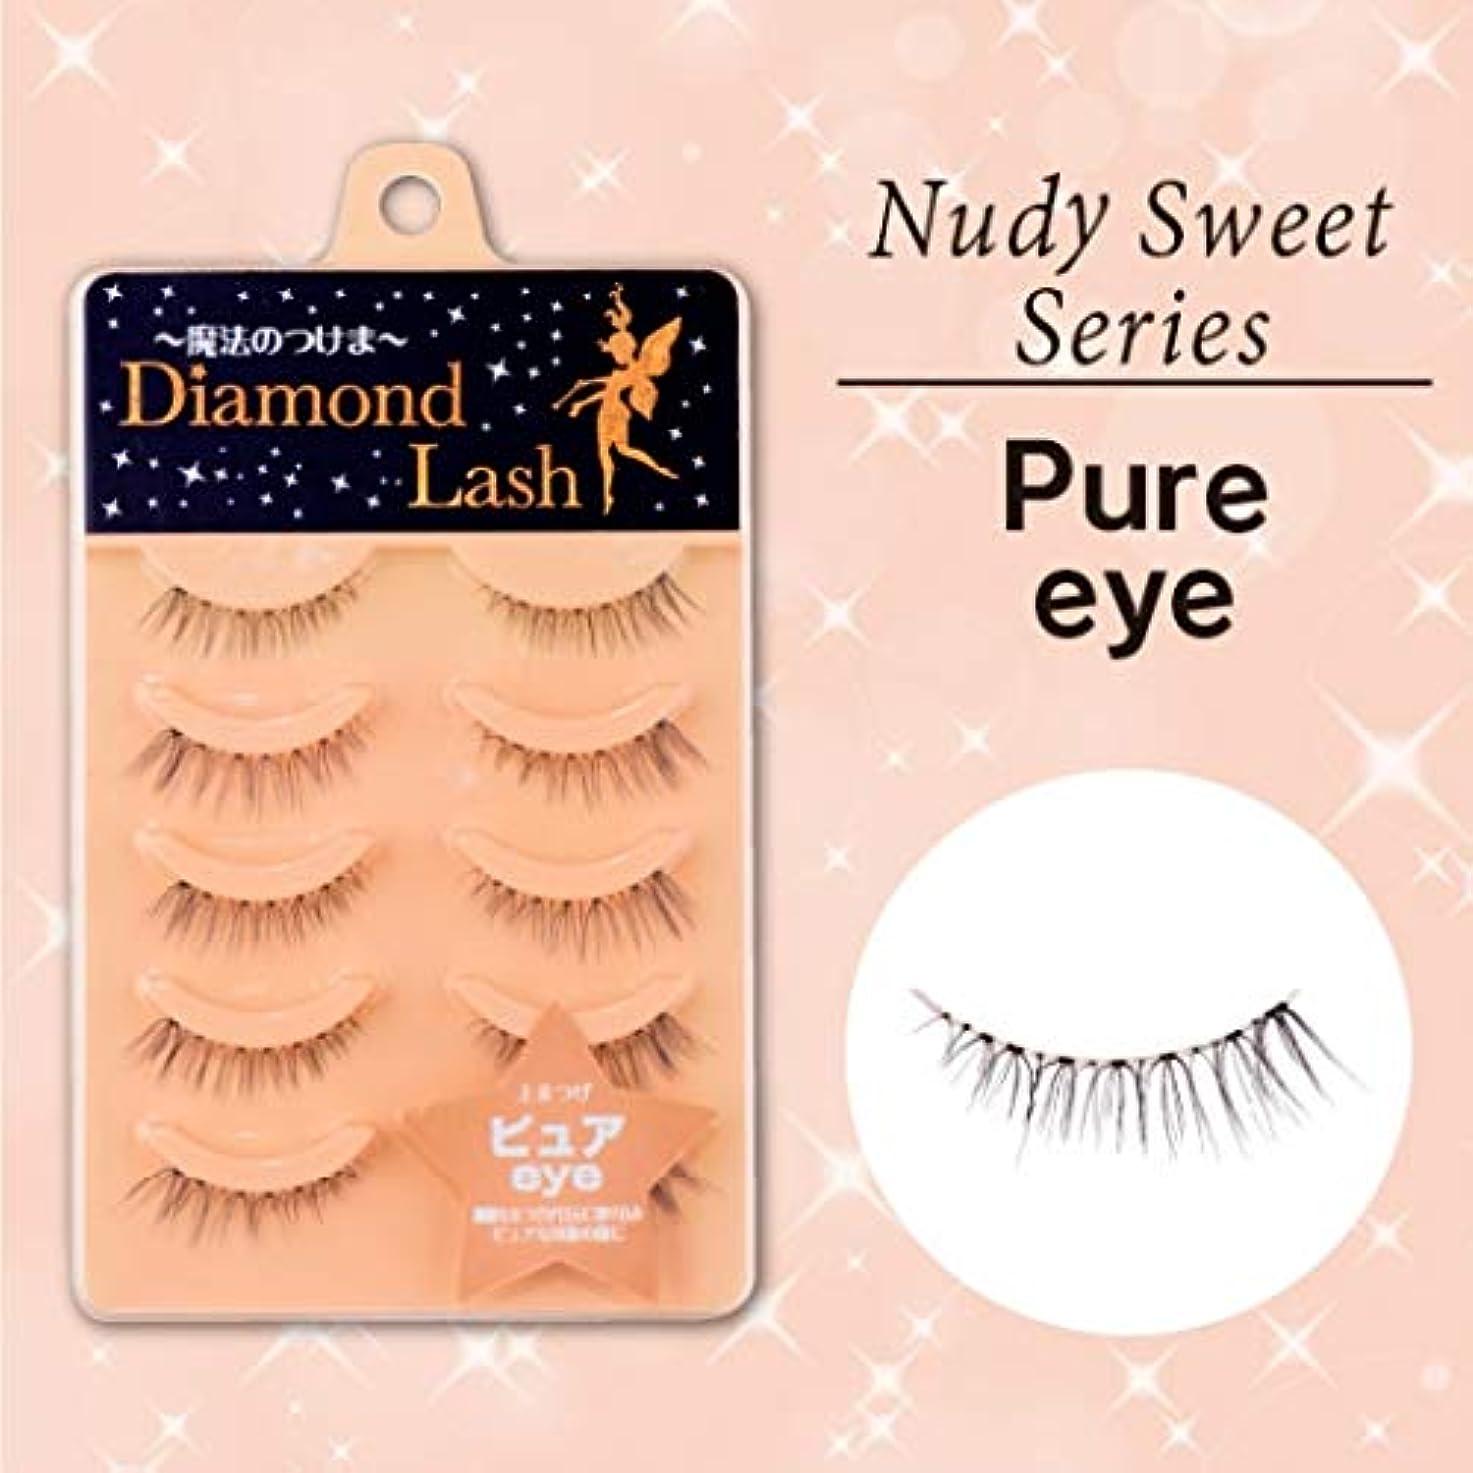 乳剤誤解する許容ダイヤモンドラッシュ ヌーディスウィートシリーズ ピュアeye